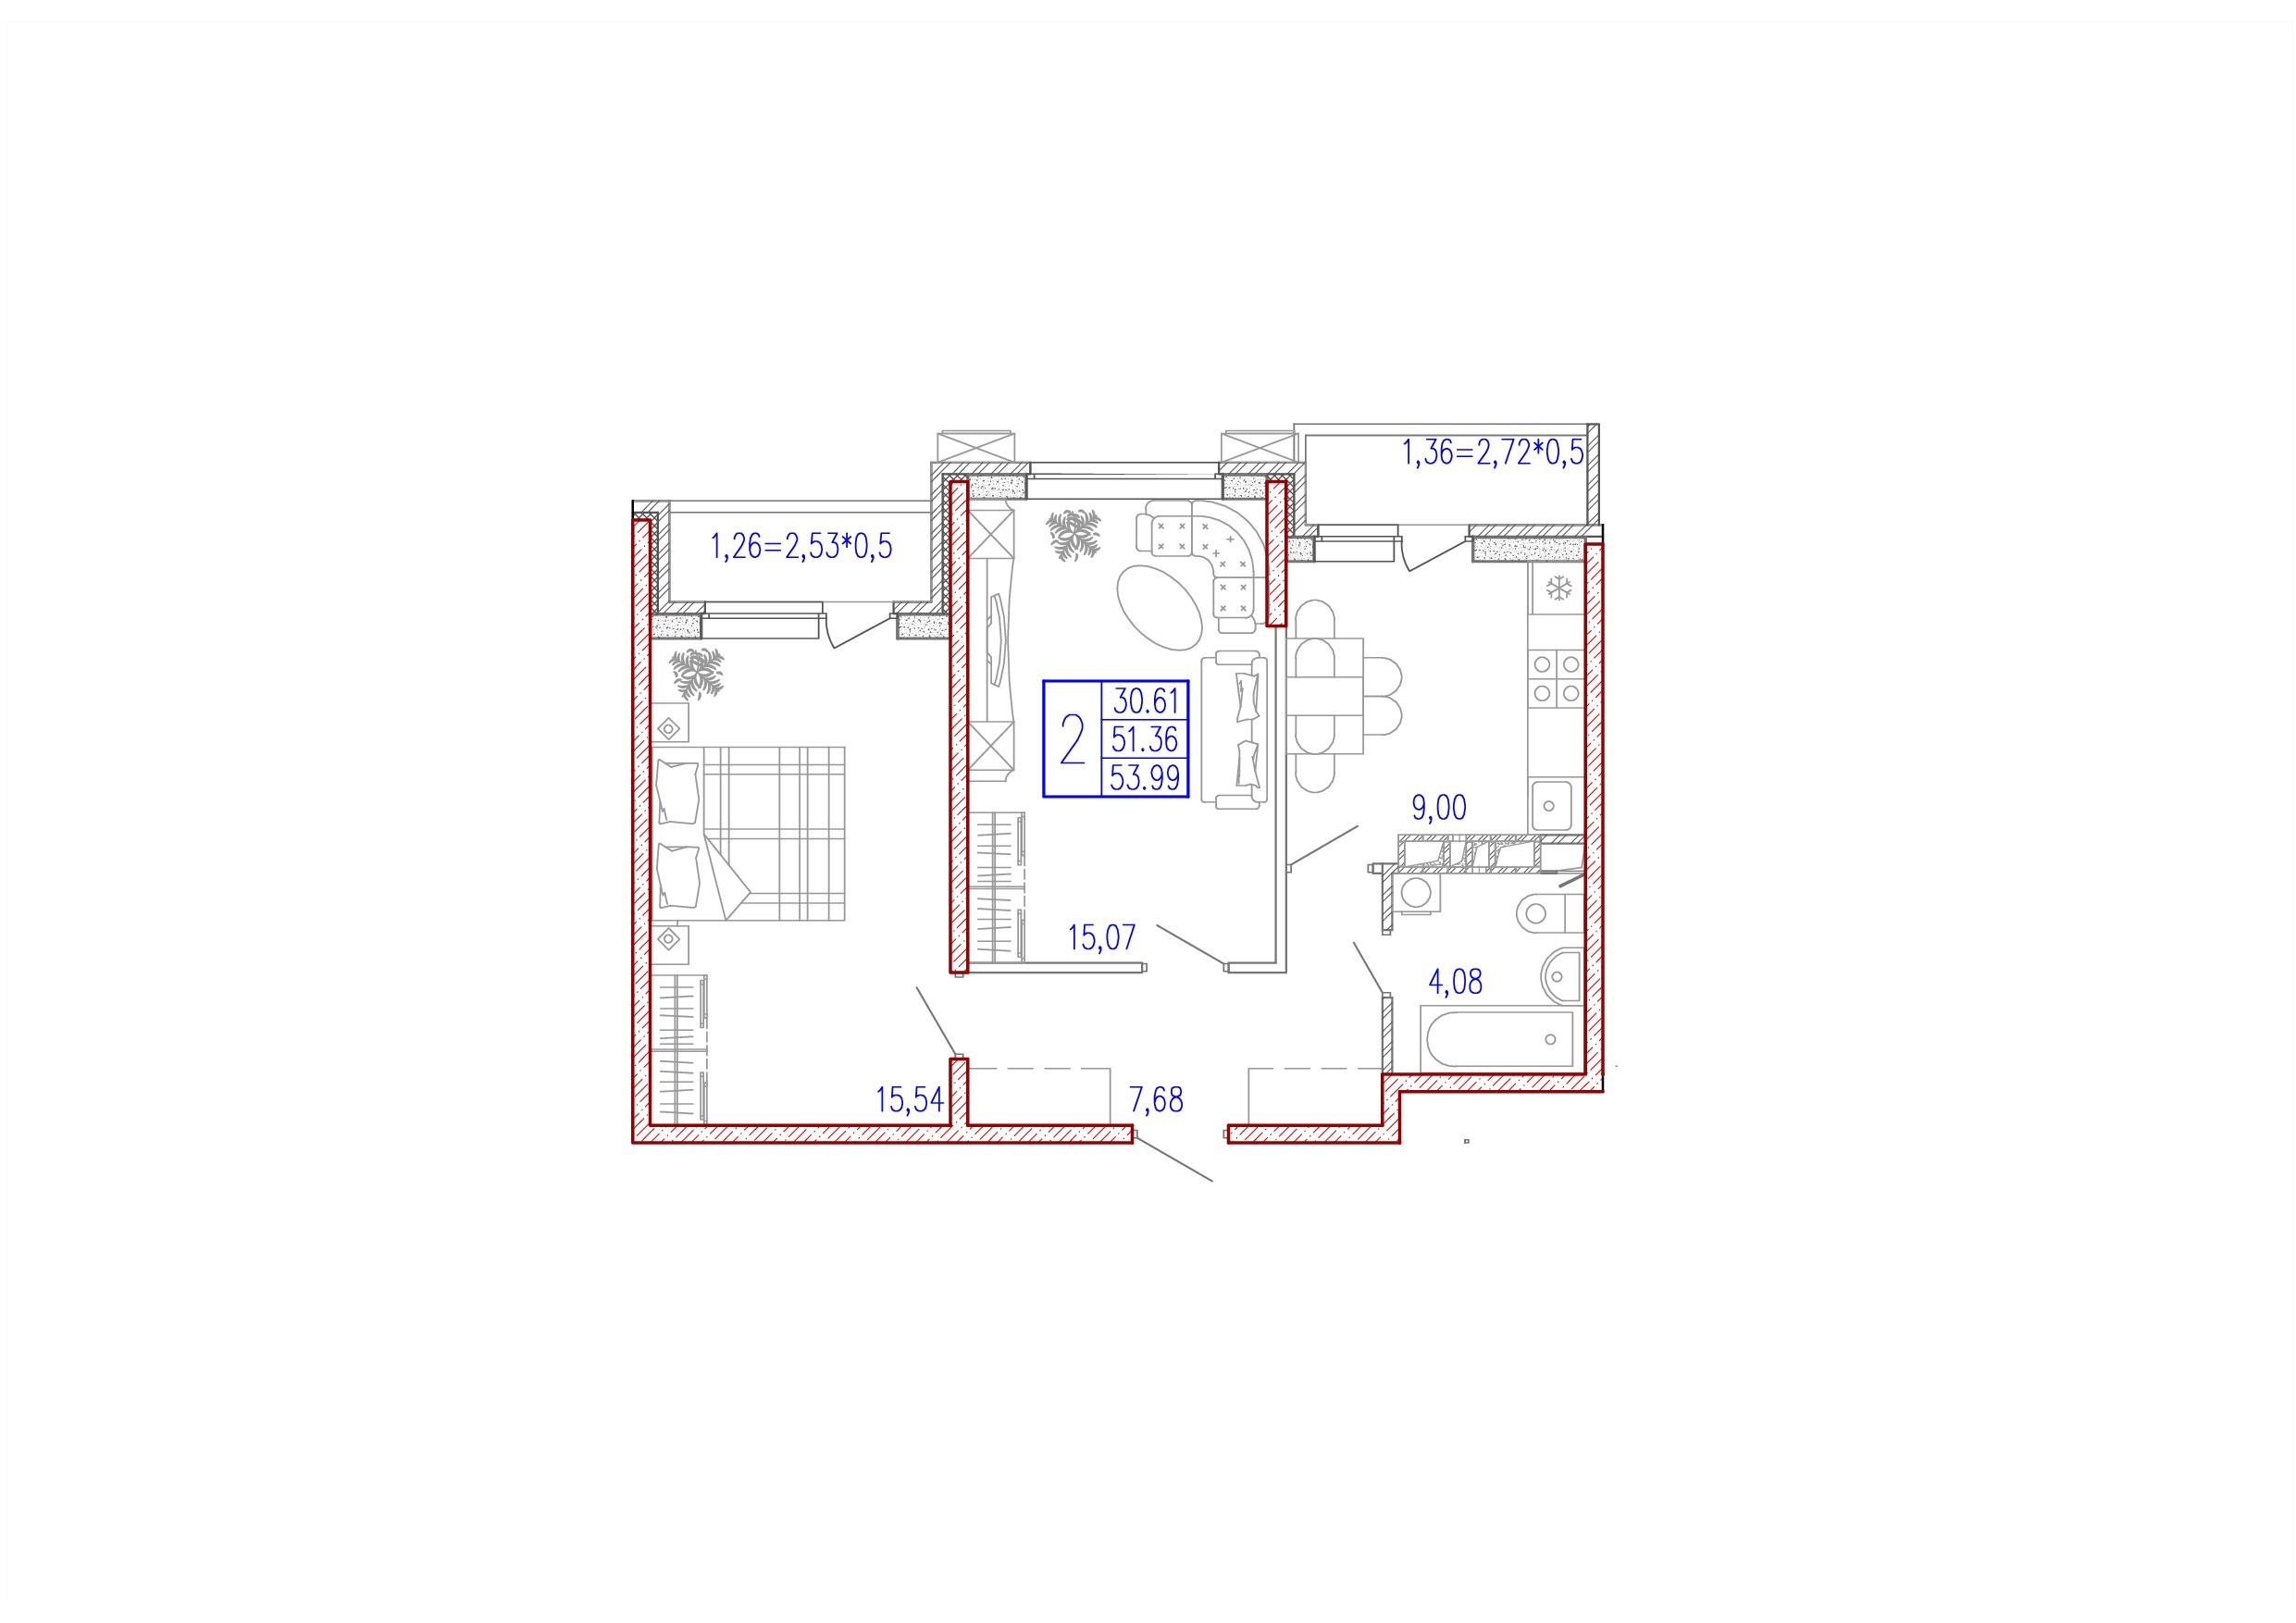 2-комнатная 53.99<span>м<sup>2</sup></span>